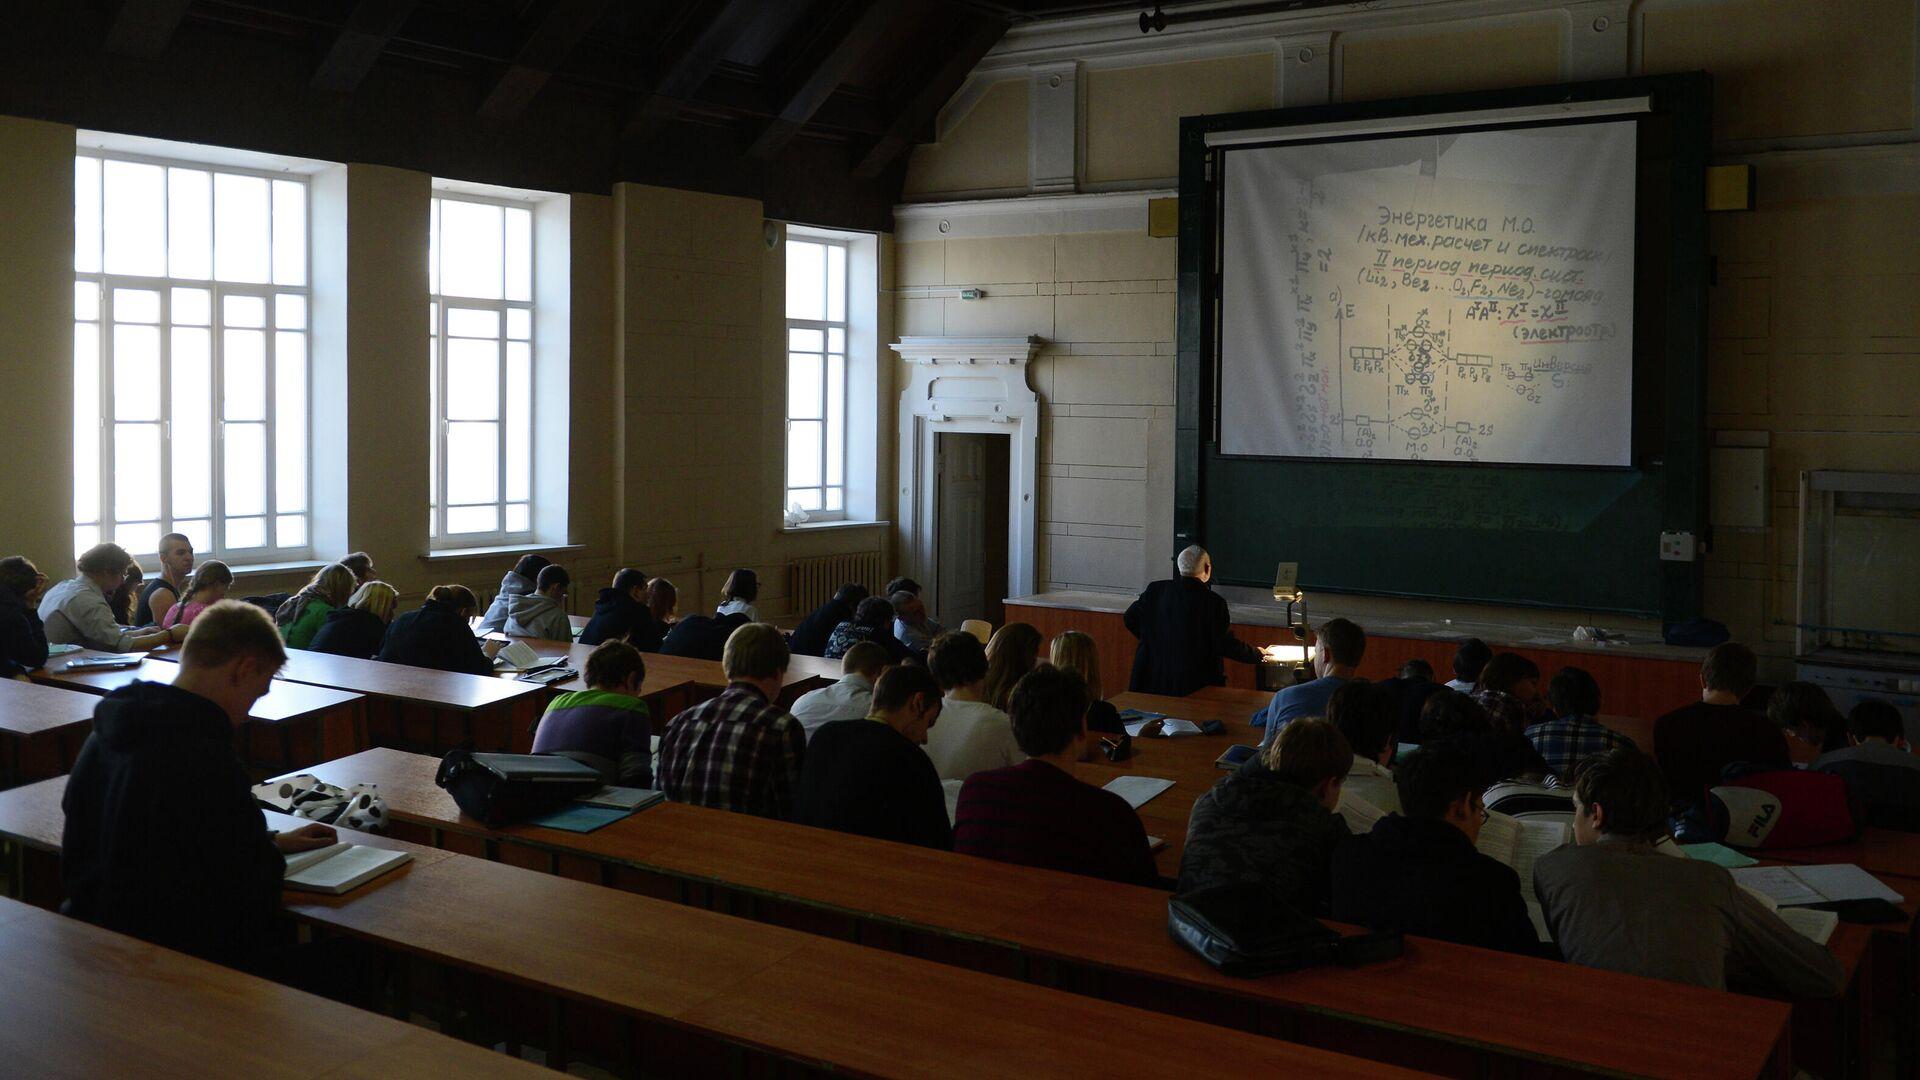 Студенты МГТУ имени Н.Э. Баумана во время лекции в аудитории - РИА Новости, 1920, 17.11.2020